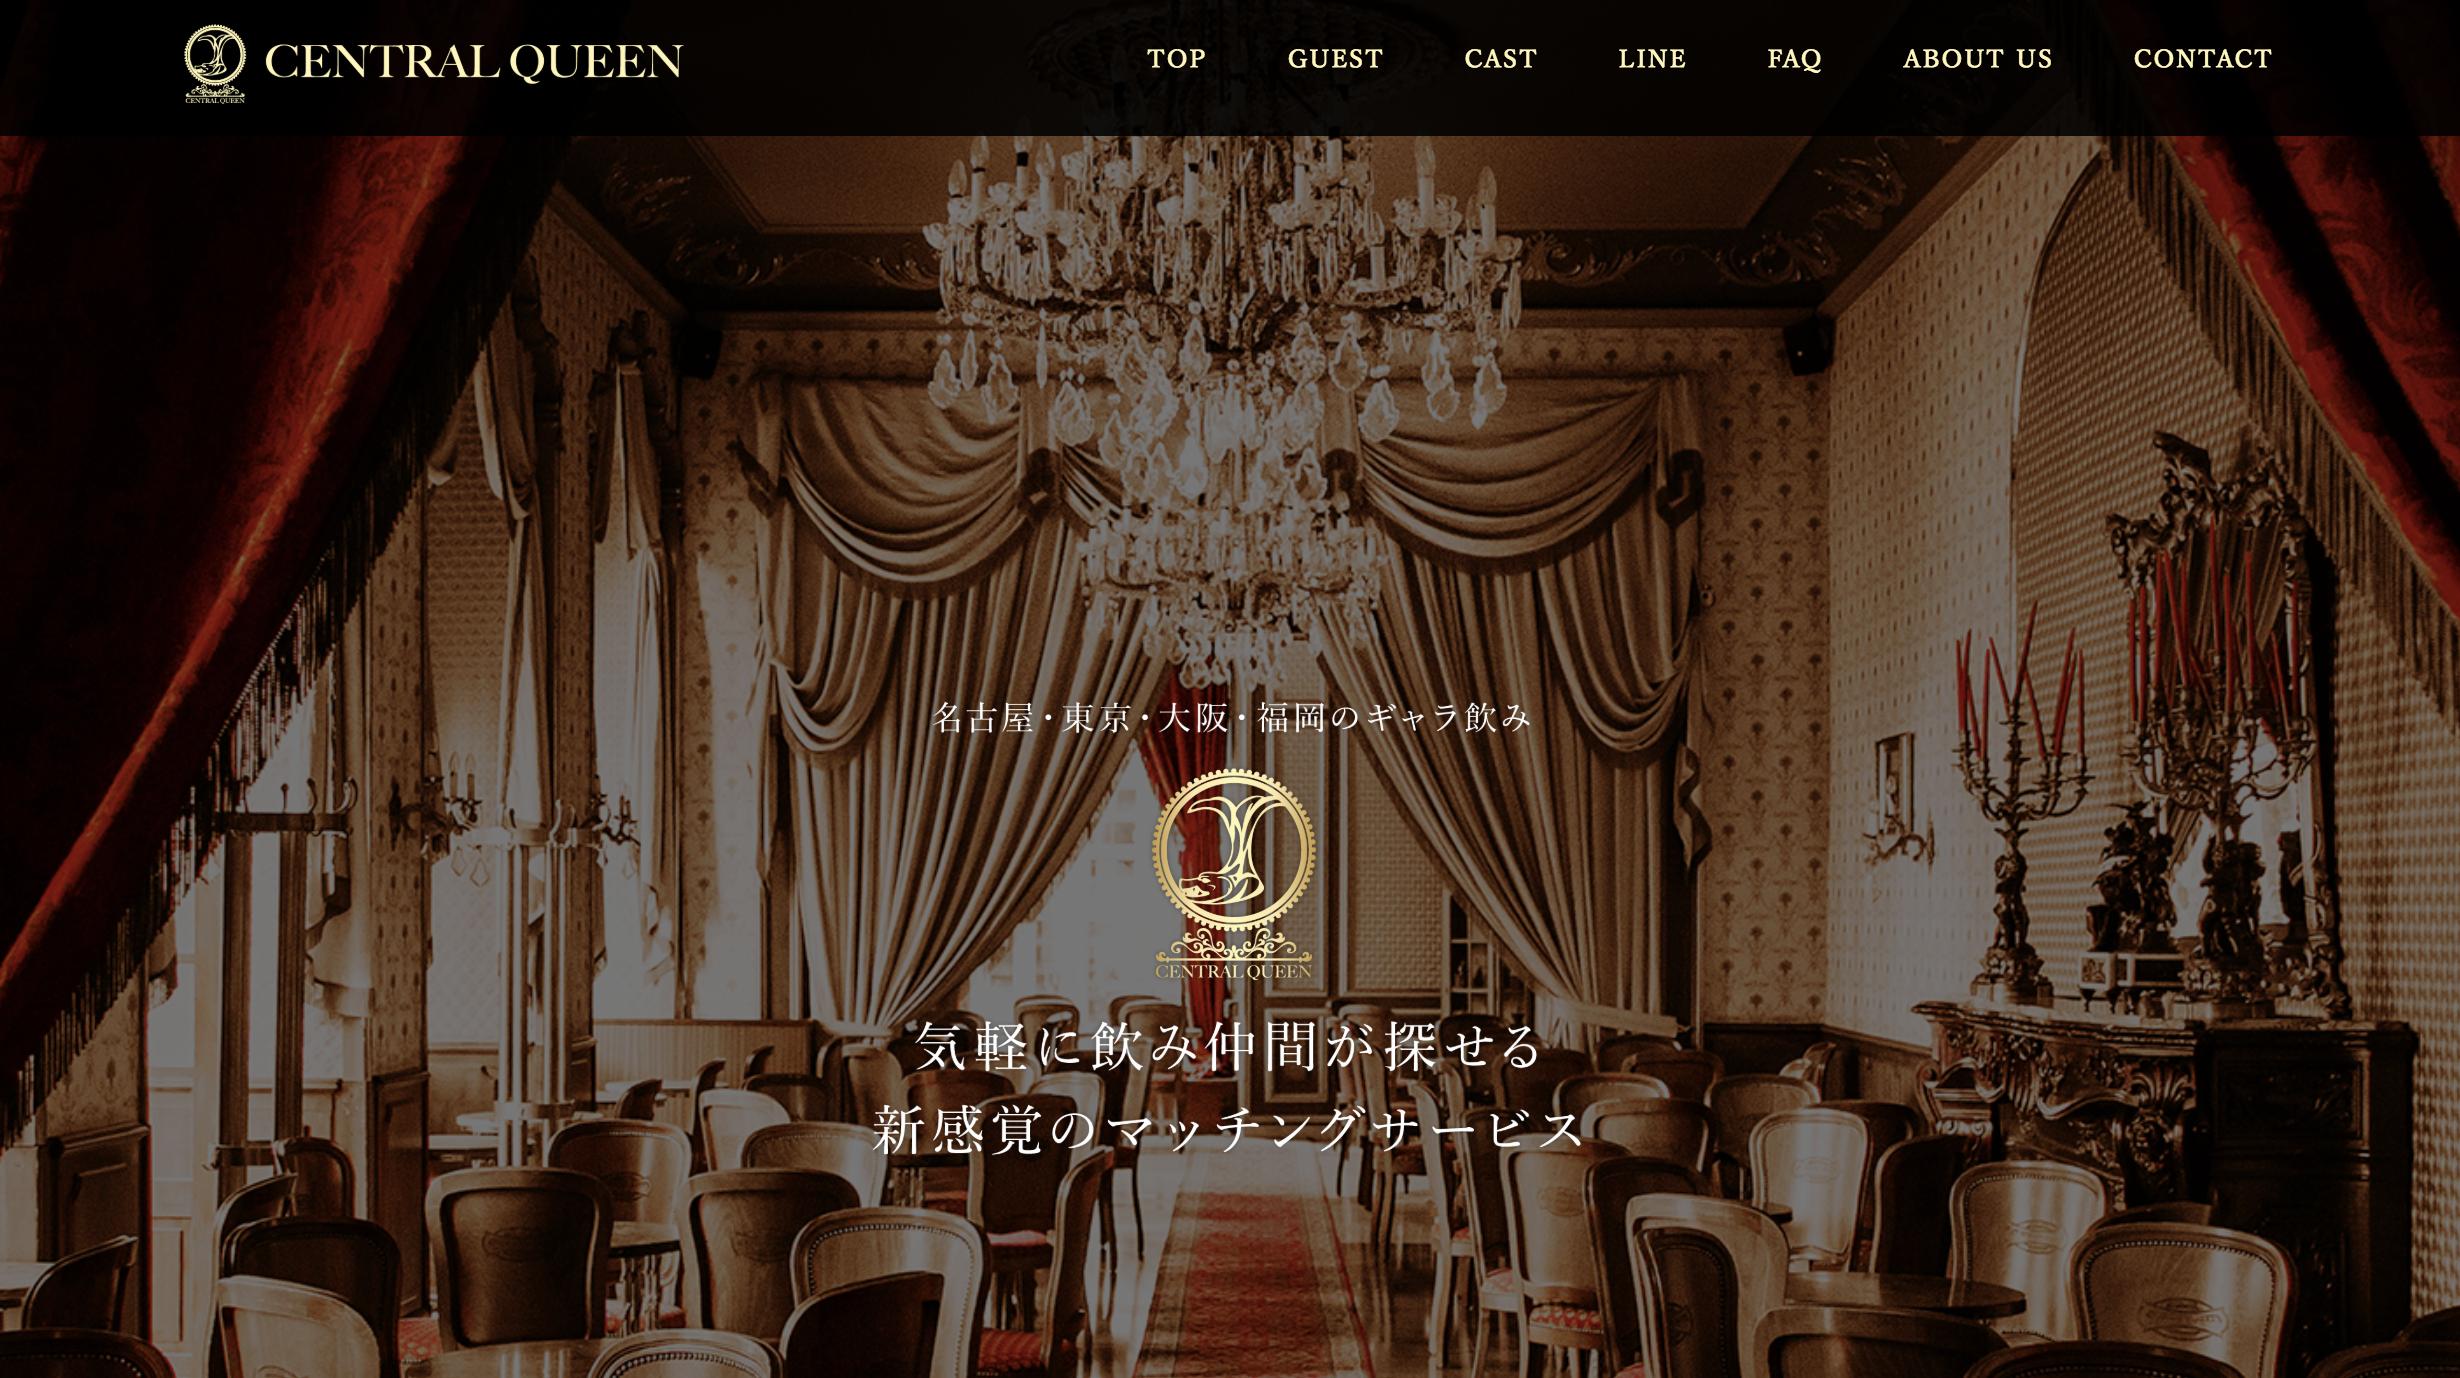 ギャラ飲み アプリ サイト CENTRAL QUEEN(セントラルクィーン)